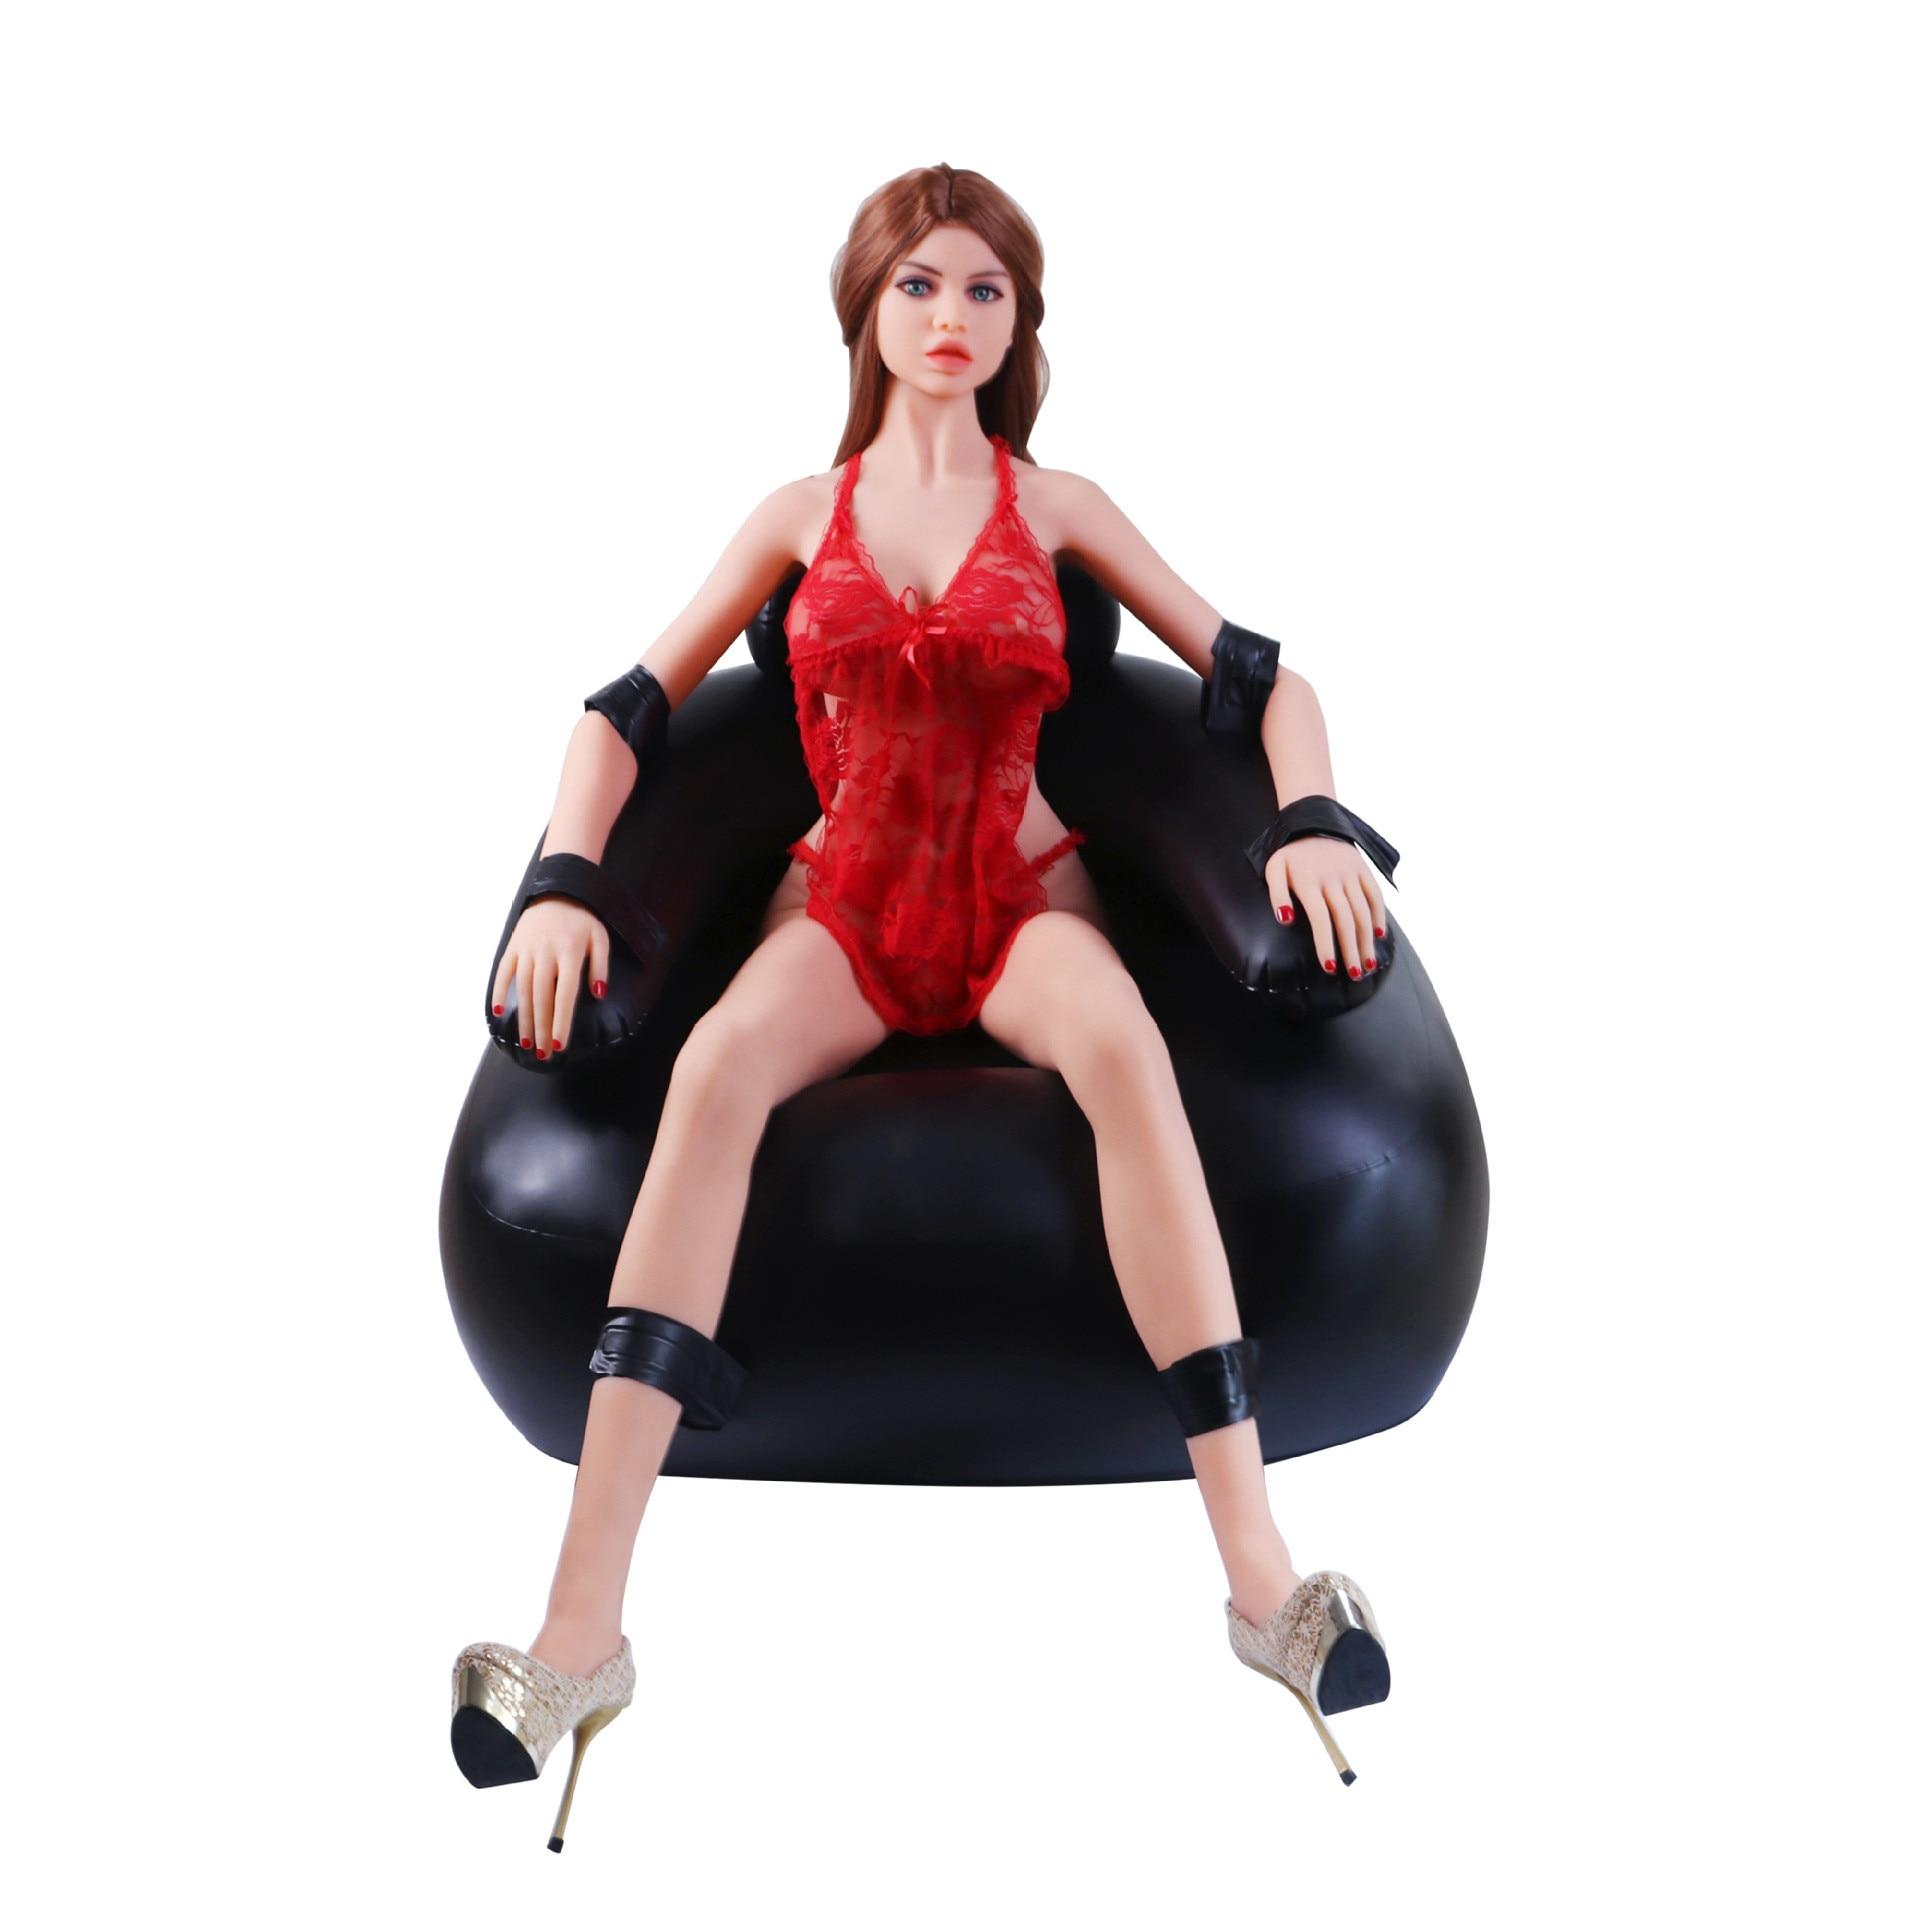 Sofa gonflable de sexe pour le Couple, type érotique de bondage de bdsm chaise gonflable de meubles gonflables de sexe de masturbation avec le pénis